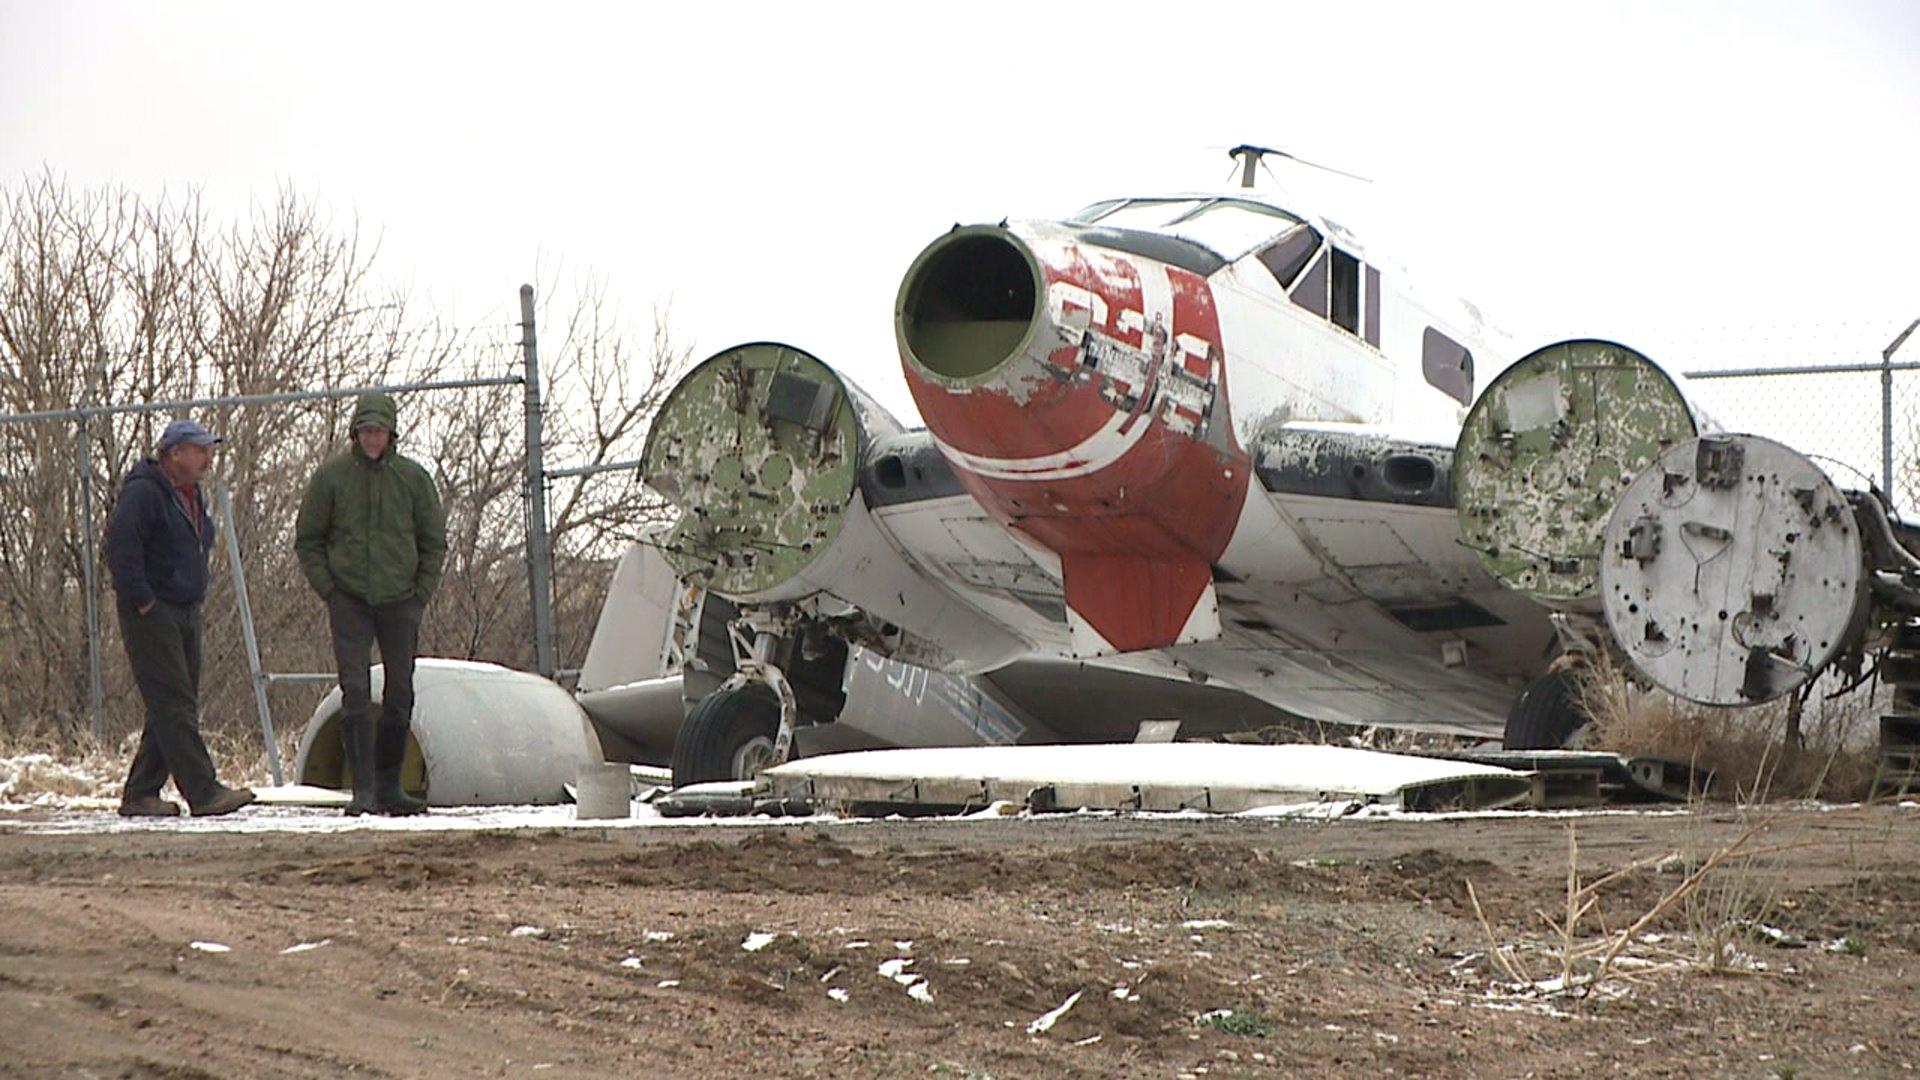 Airplane salvage yard in Denver